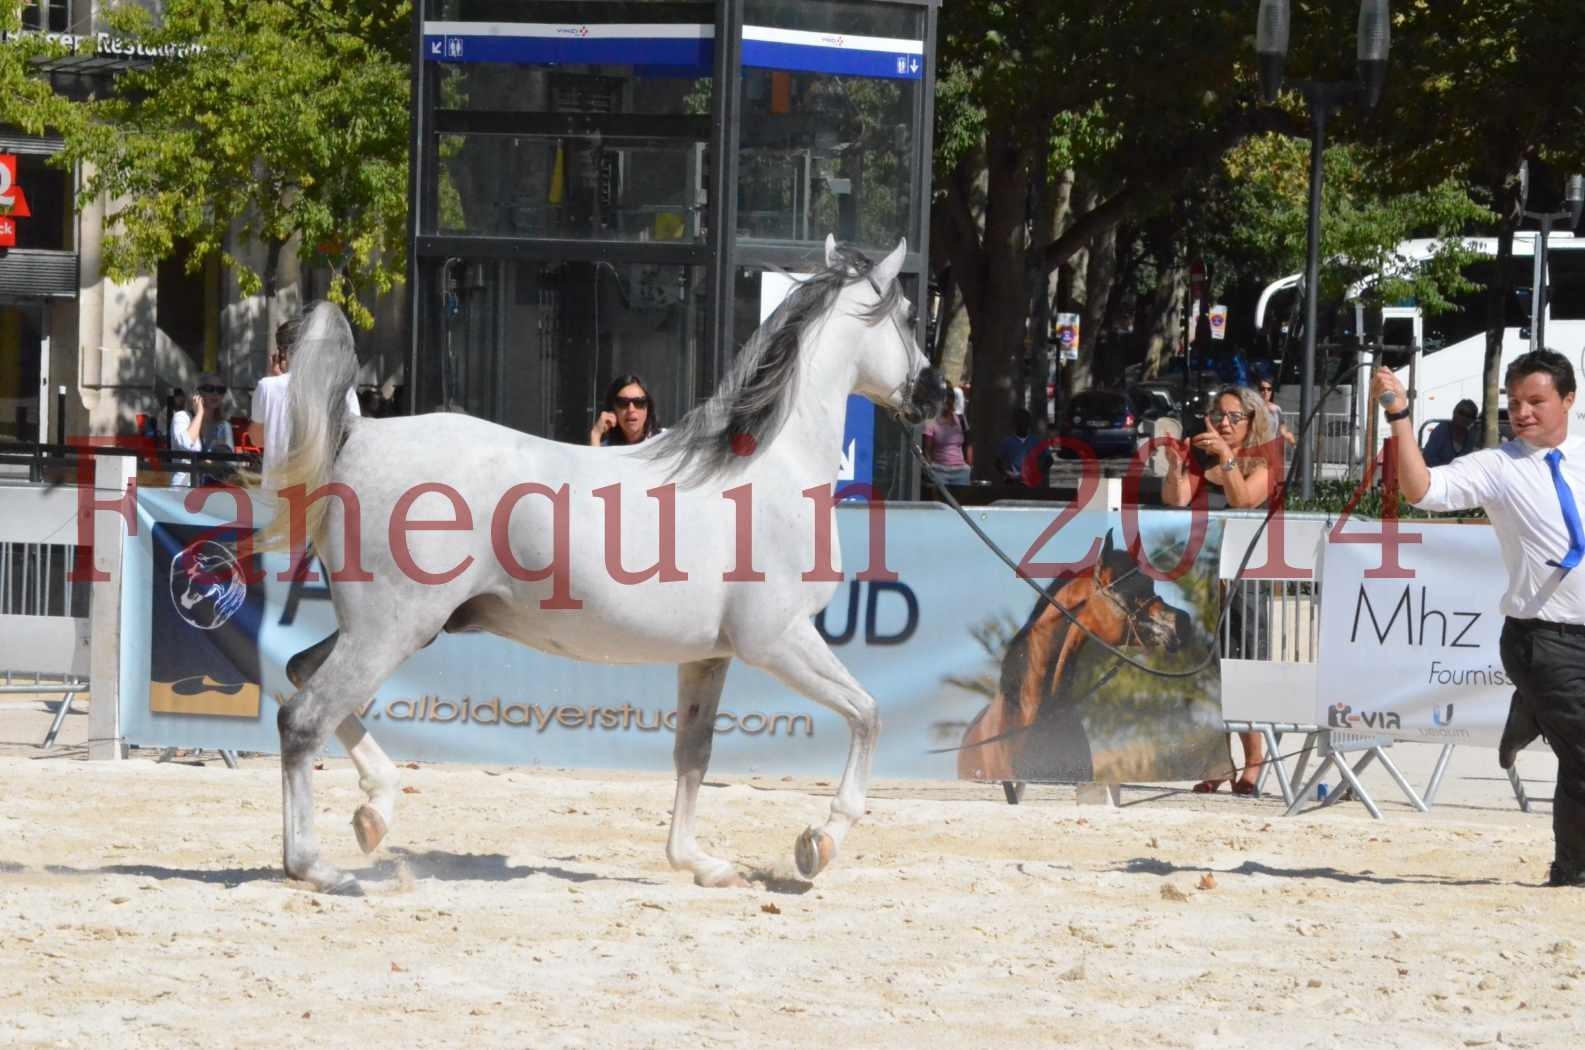 Concours National de Nîmes de chevaux ARABES 2014 - Sélection - SHAOLIN DE NEDJAIA - 26